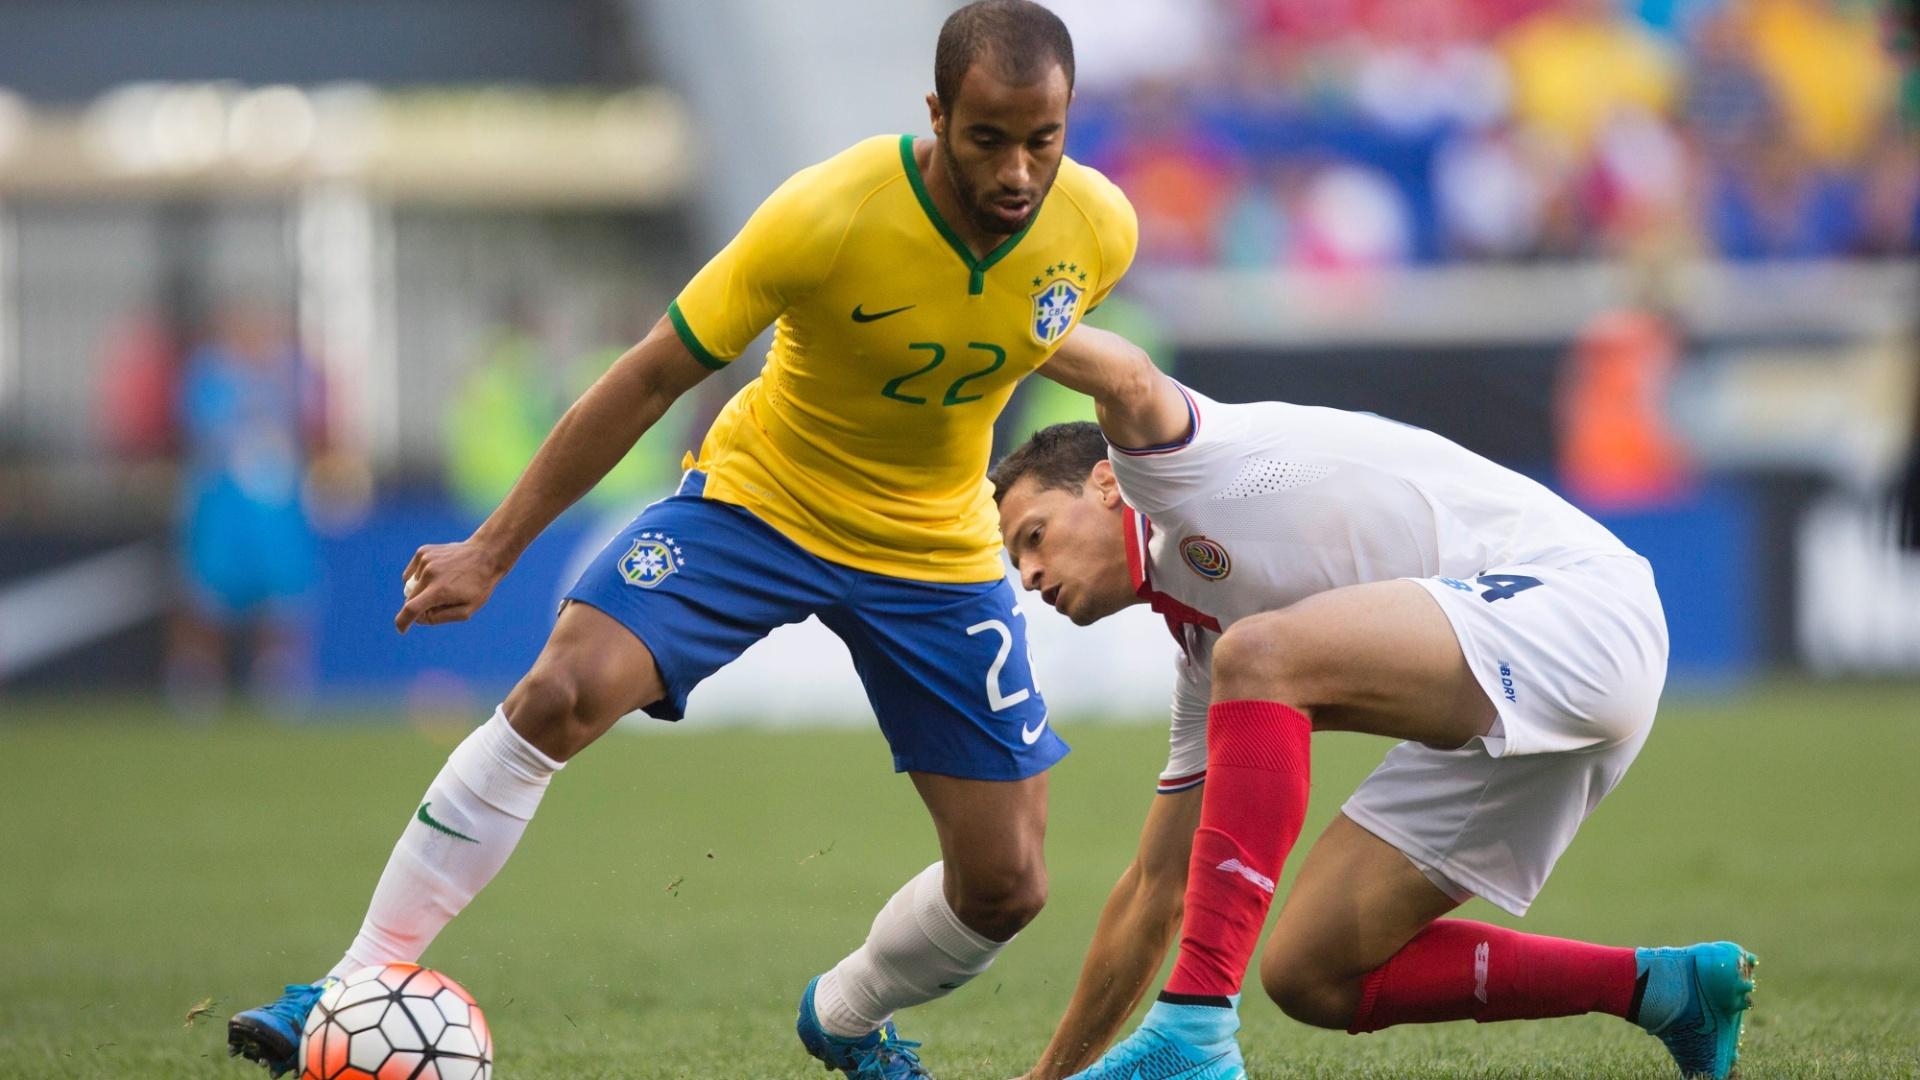 Lucas disputa bola com jogador da Costa Rica, durante amistoso neste sábado (5), realizado nos Estados Unidos